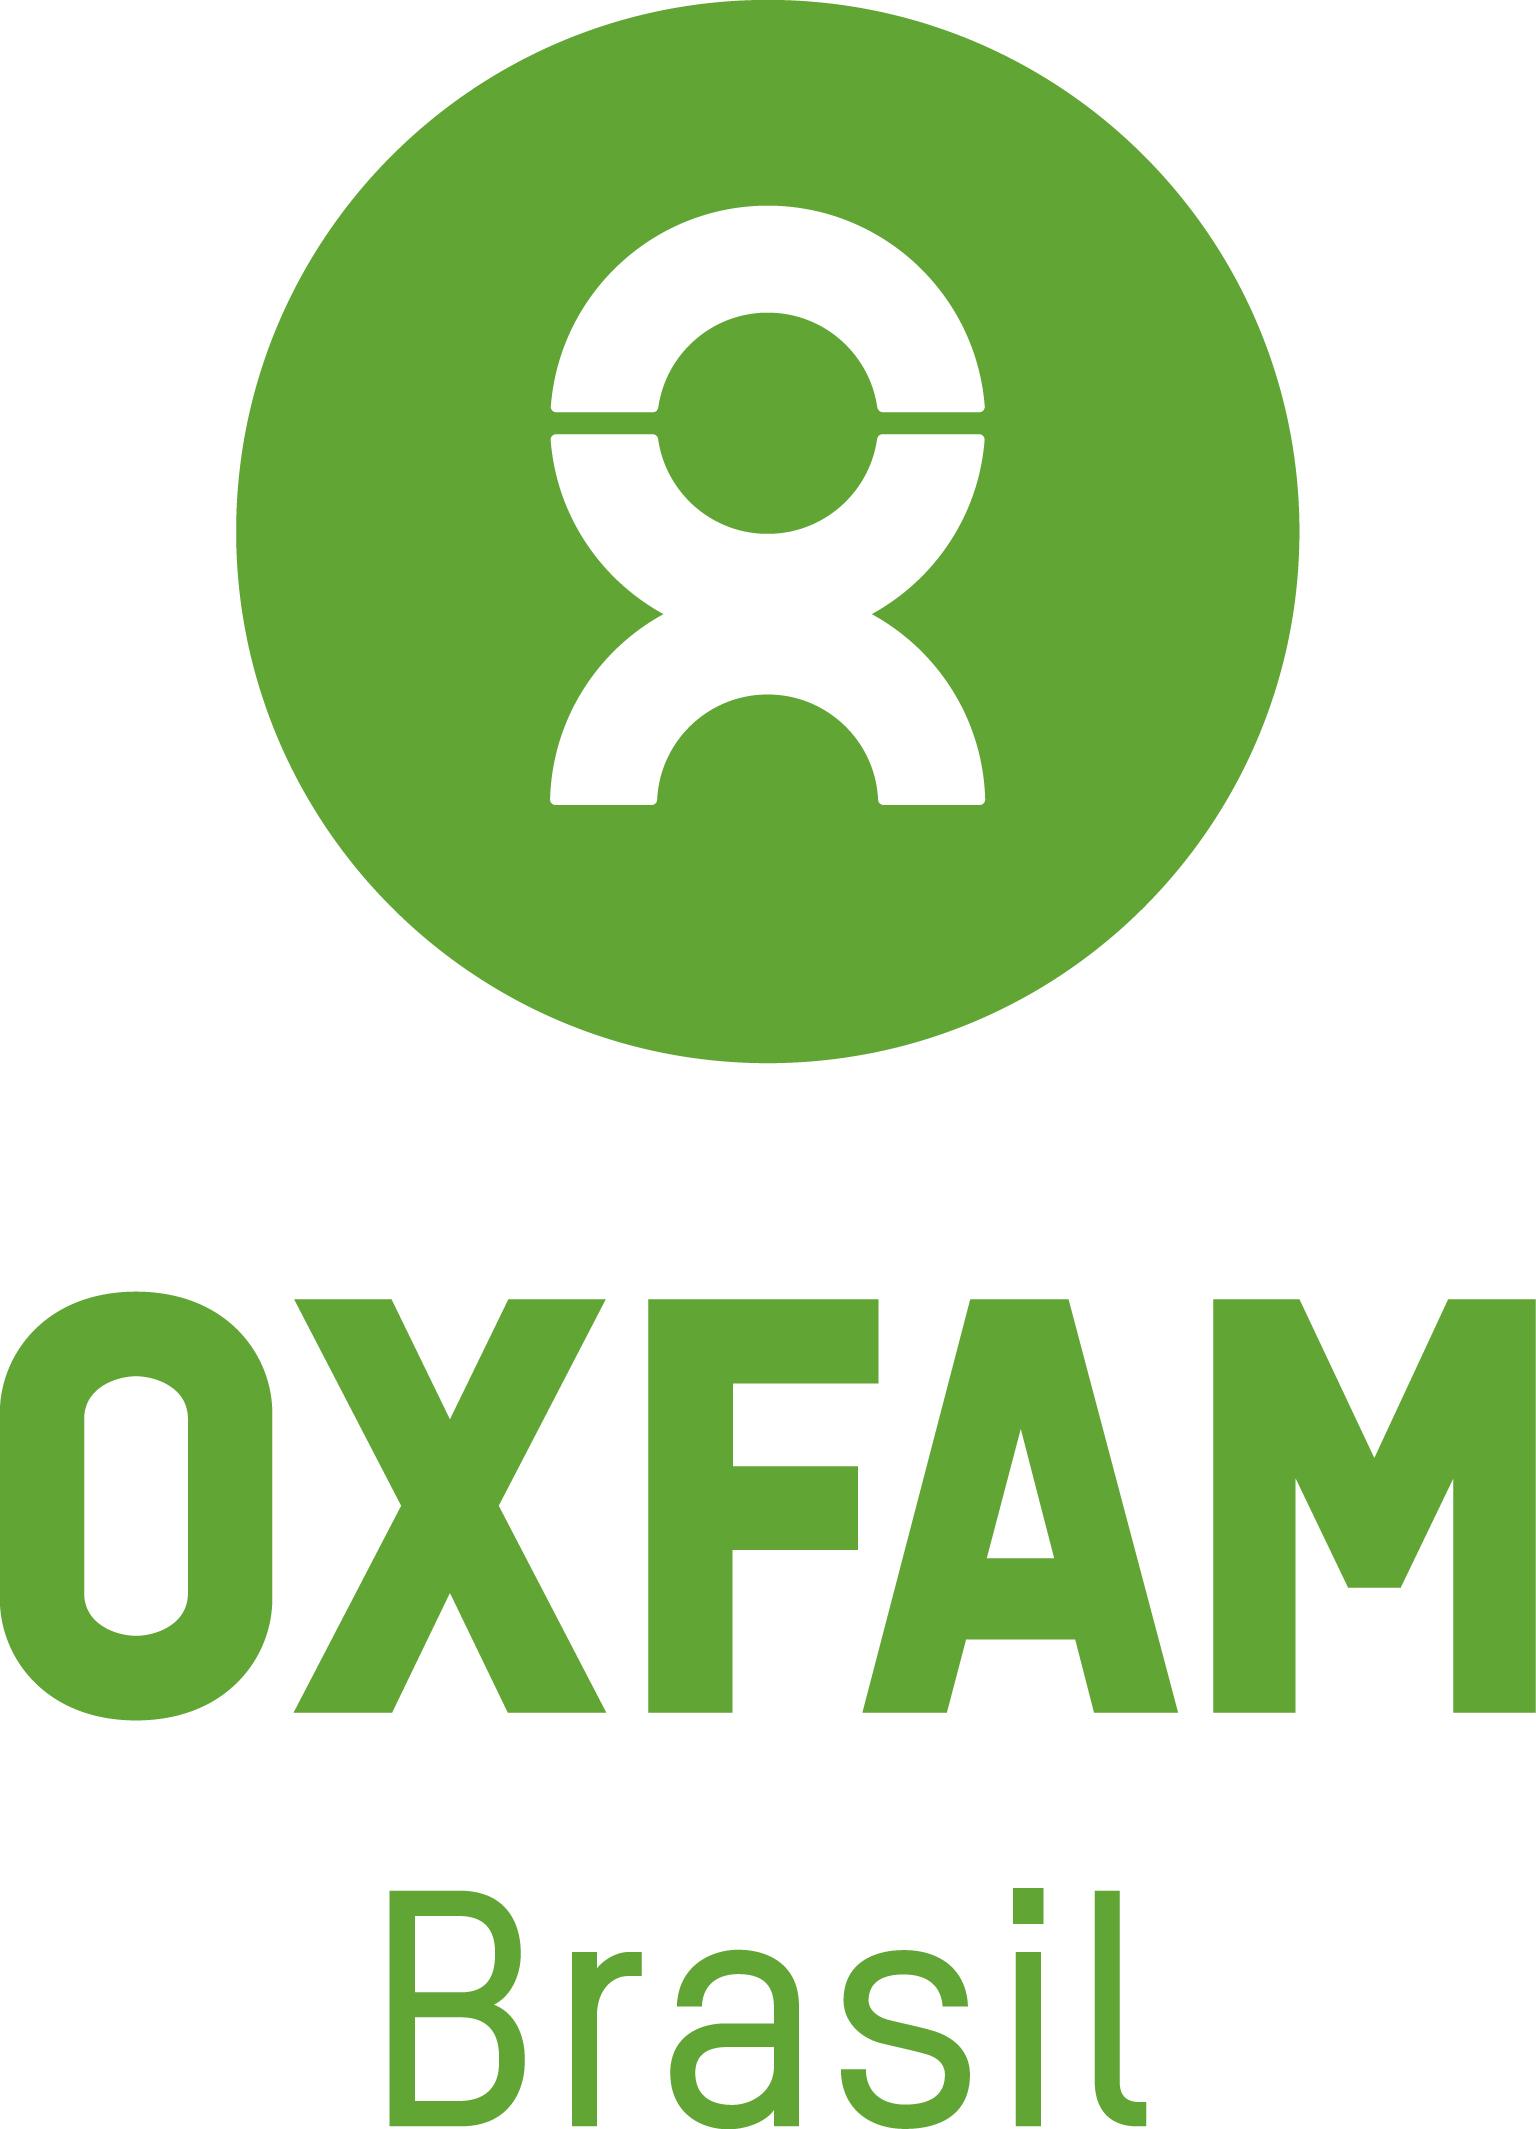 Oxfam Brasil